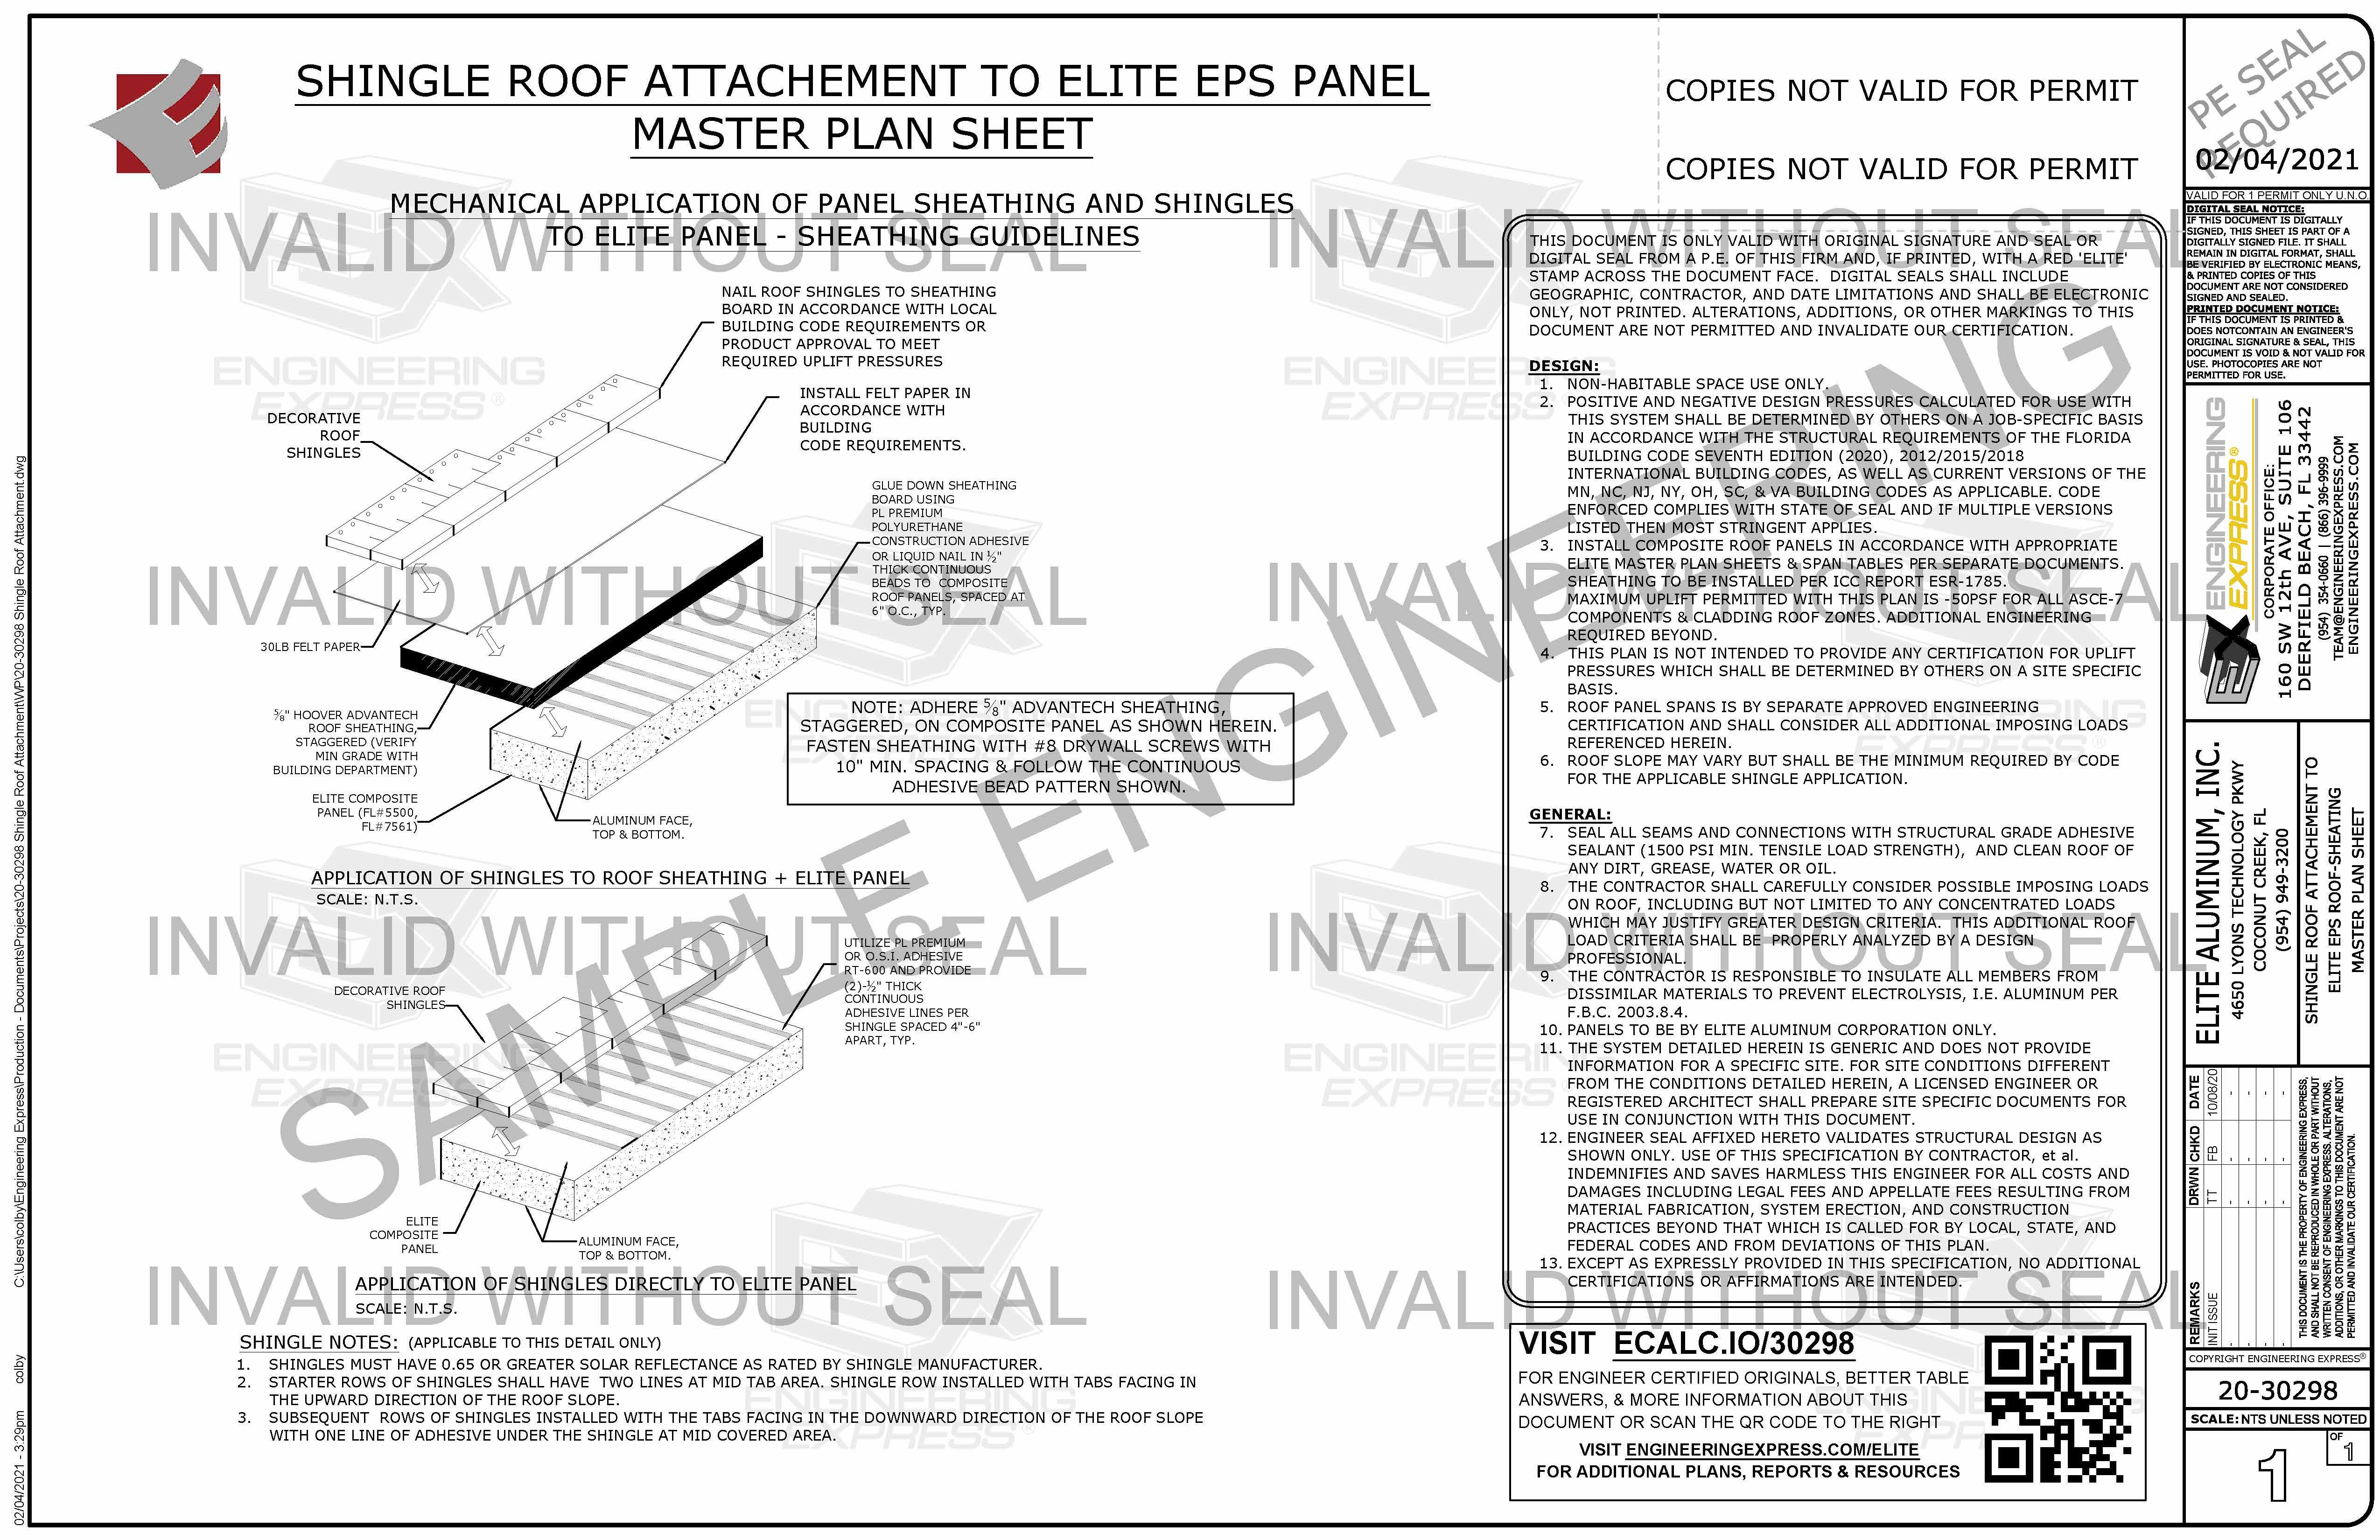 Elite Shingle Roof Attachment (20-30298)